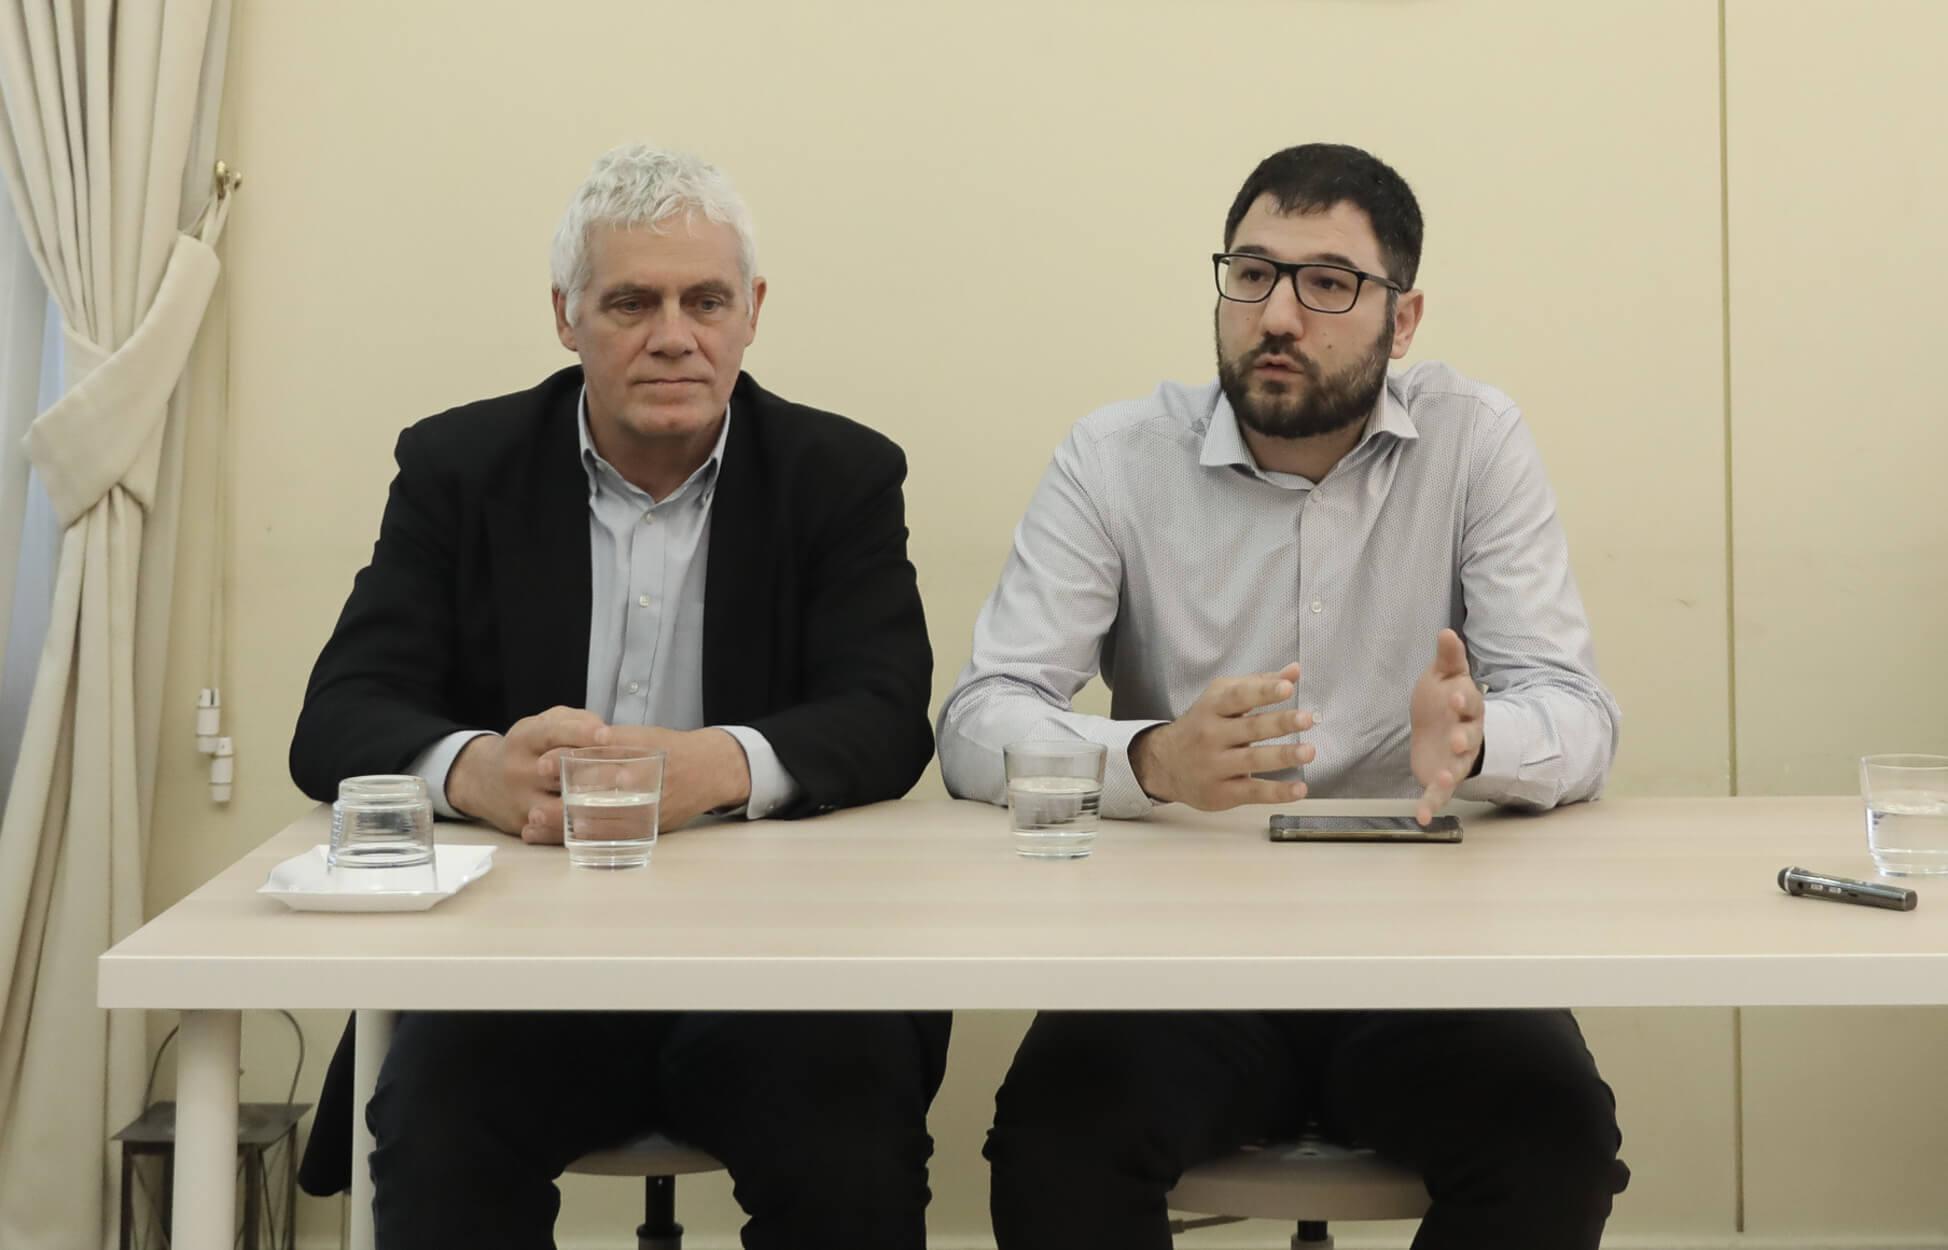 Μαζί για τον Δήμο της Αθήνας Ηλιόπουλος - Τσιρώνης - Ανακοινώθηκε η συνεργασία